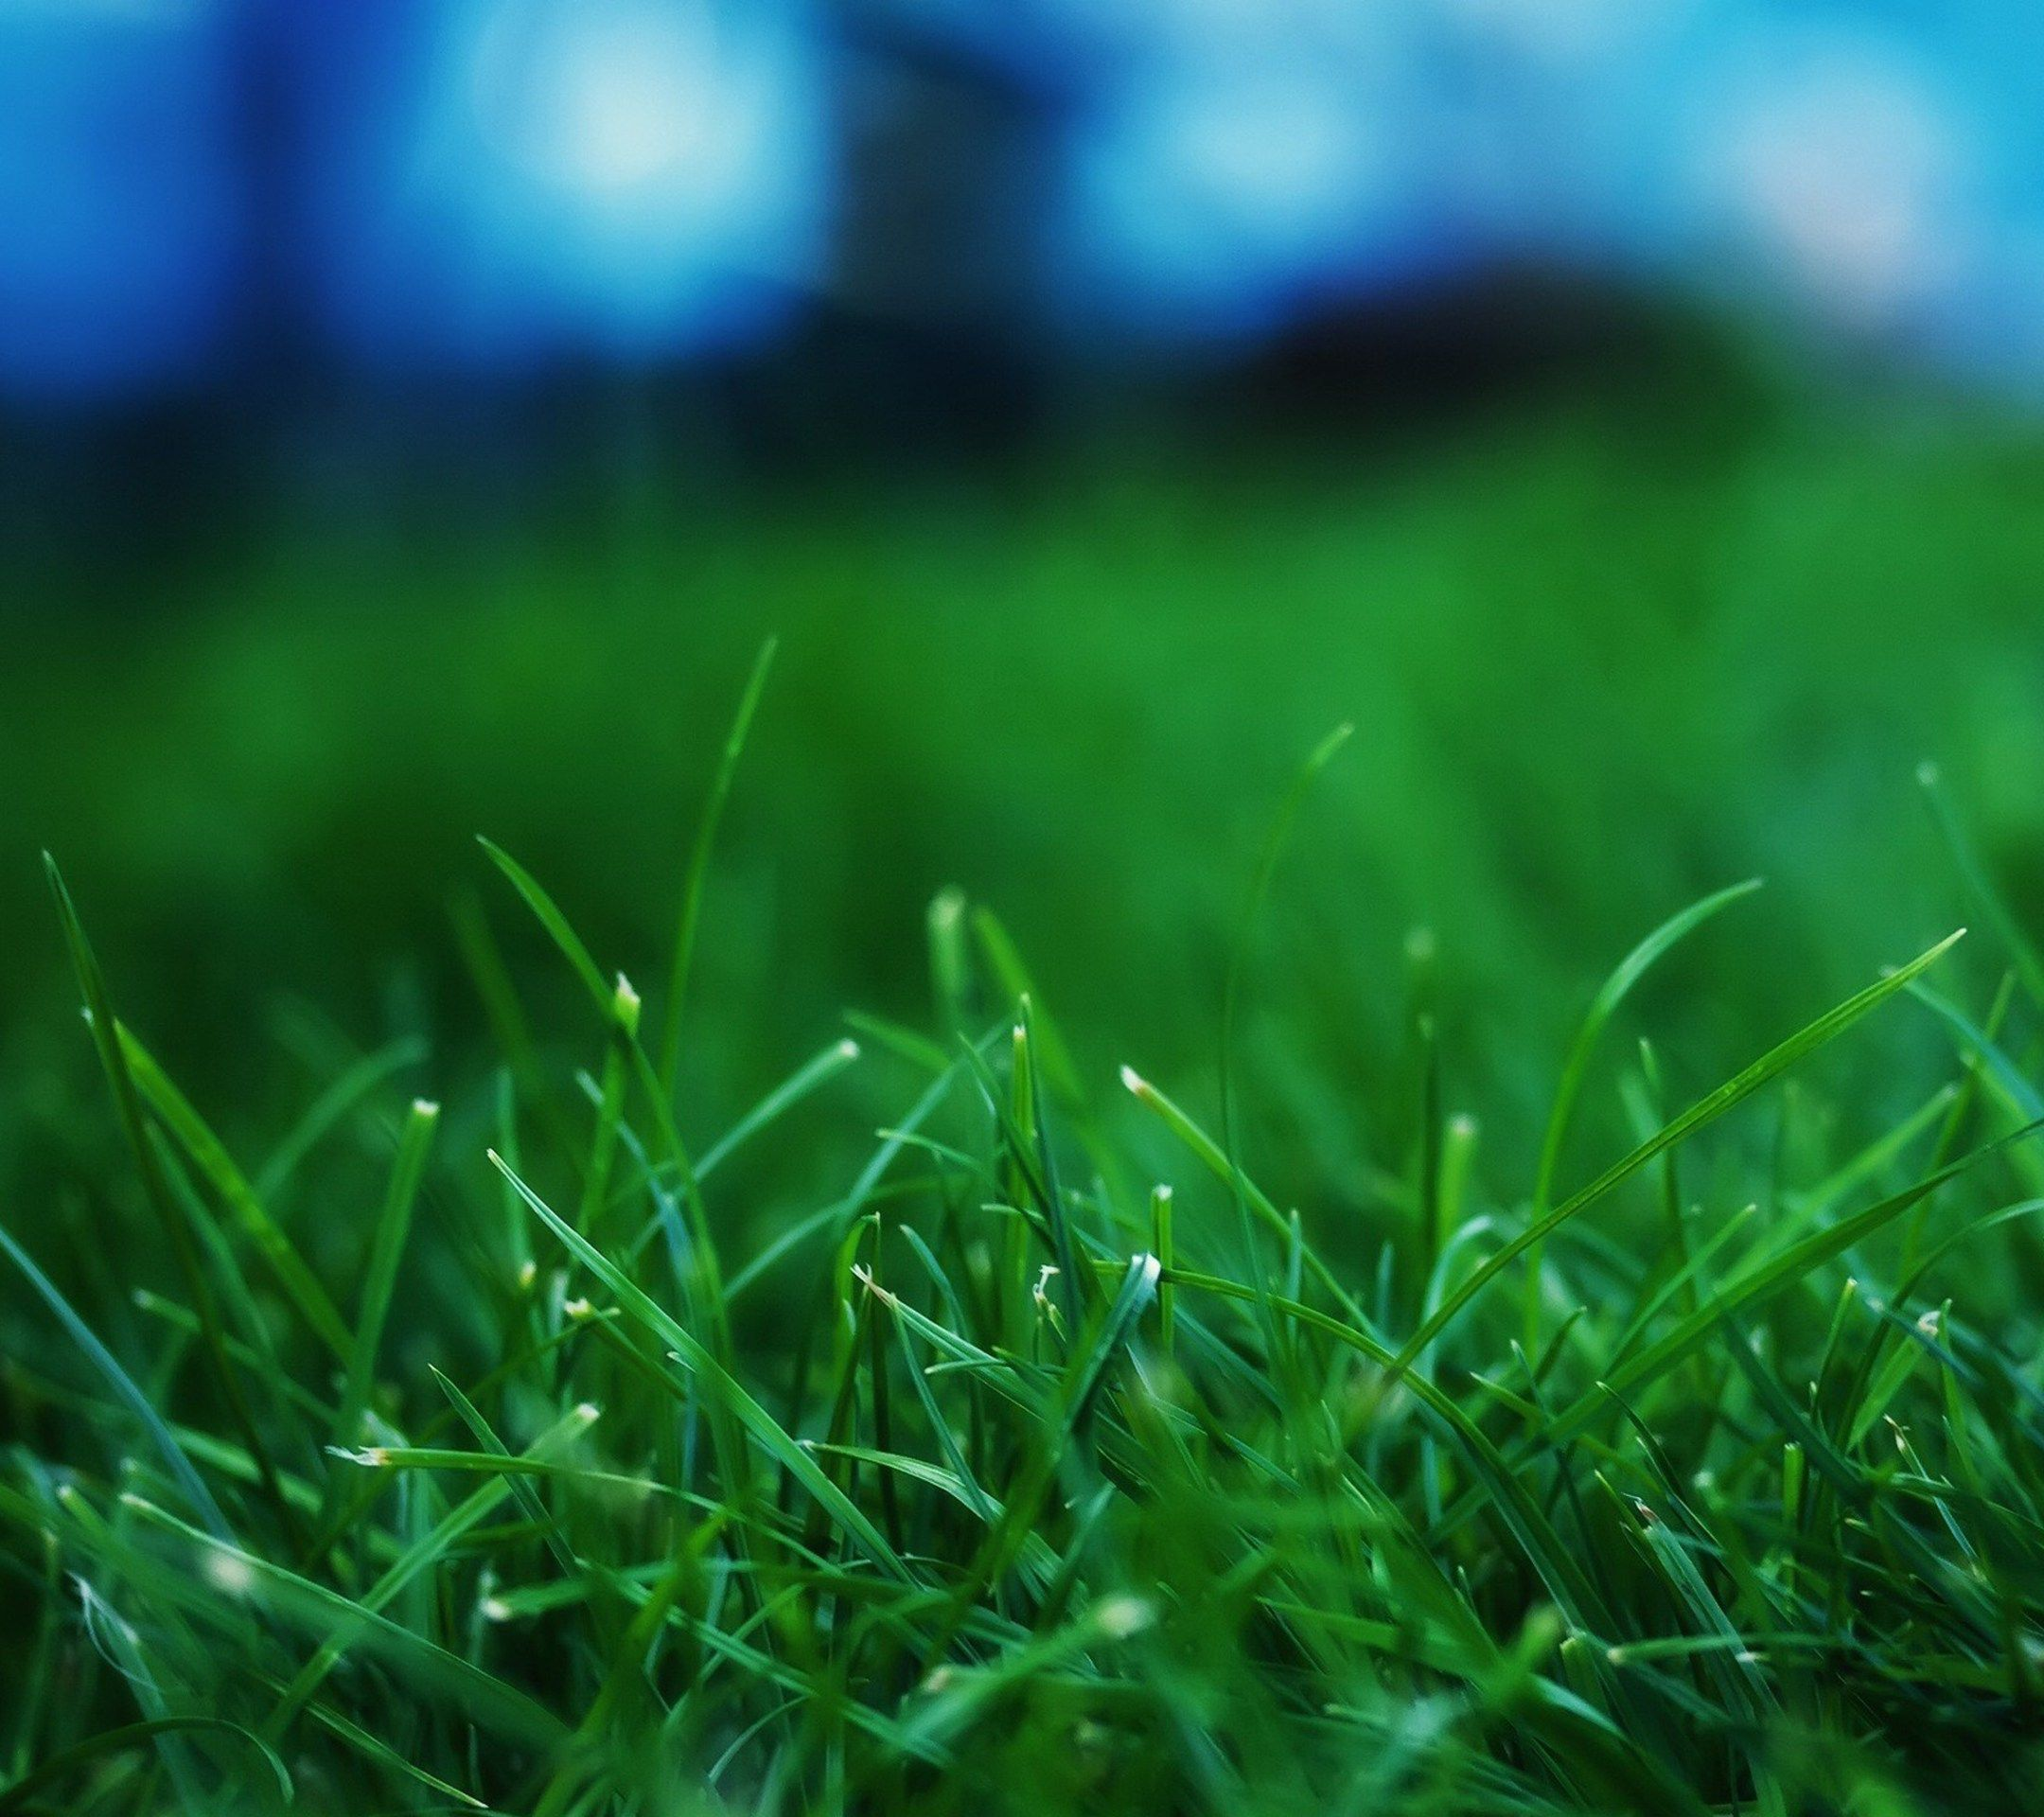 Grass Wallpaper, Best Nature